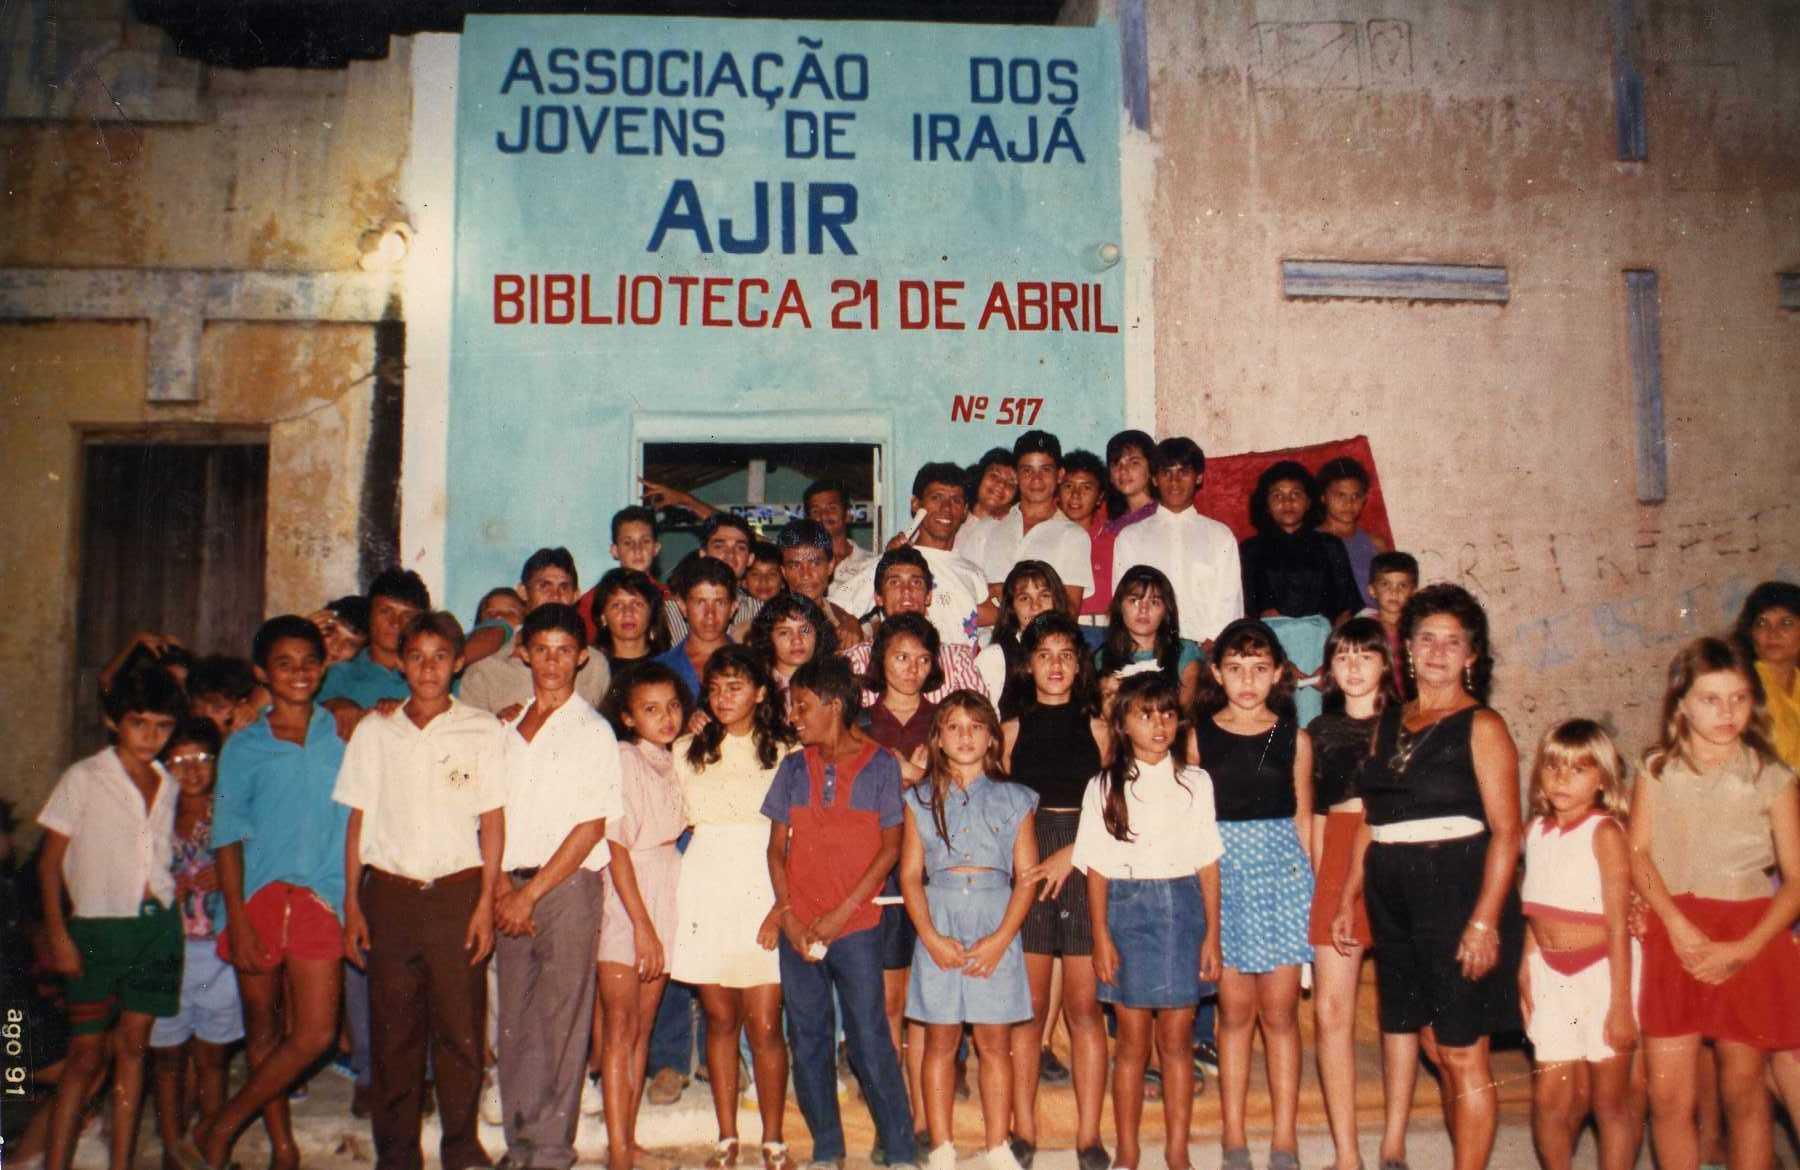 BIBLIOTECA 21 DE ABRIL